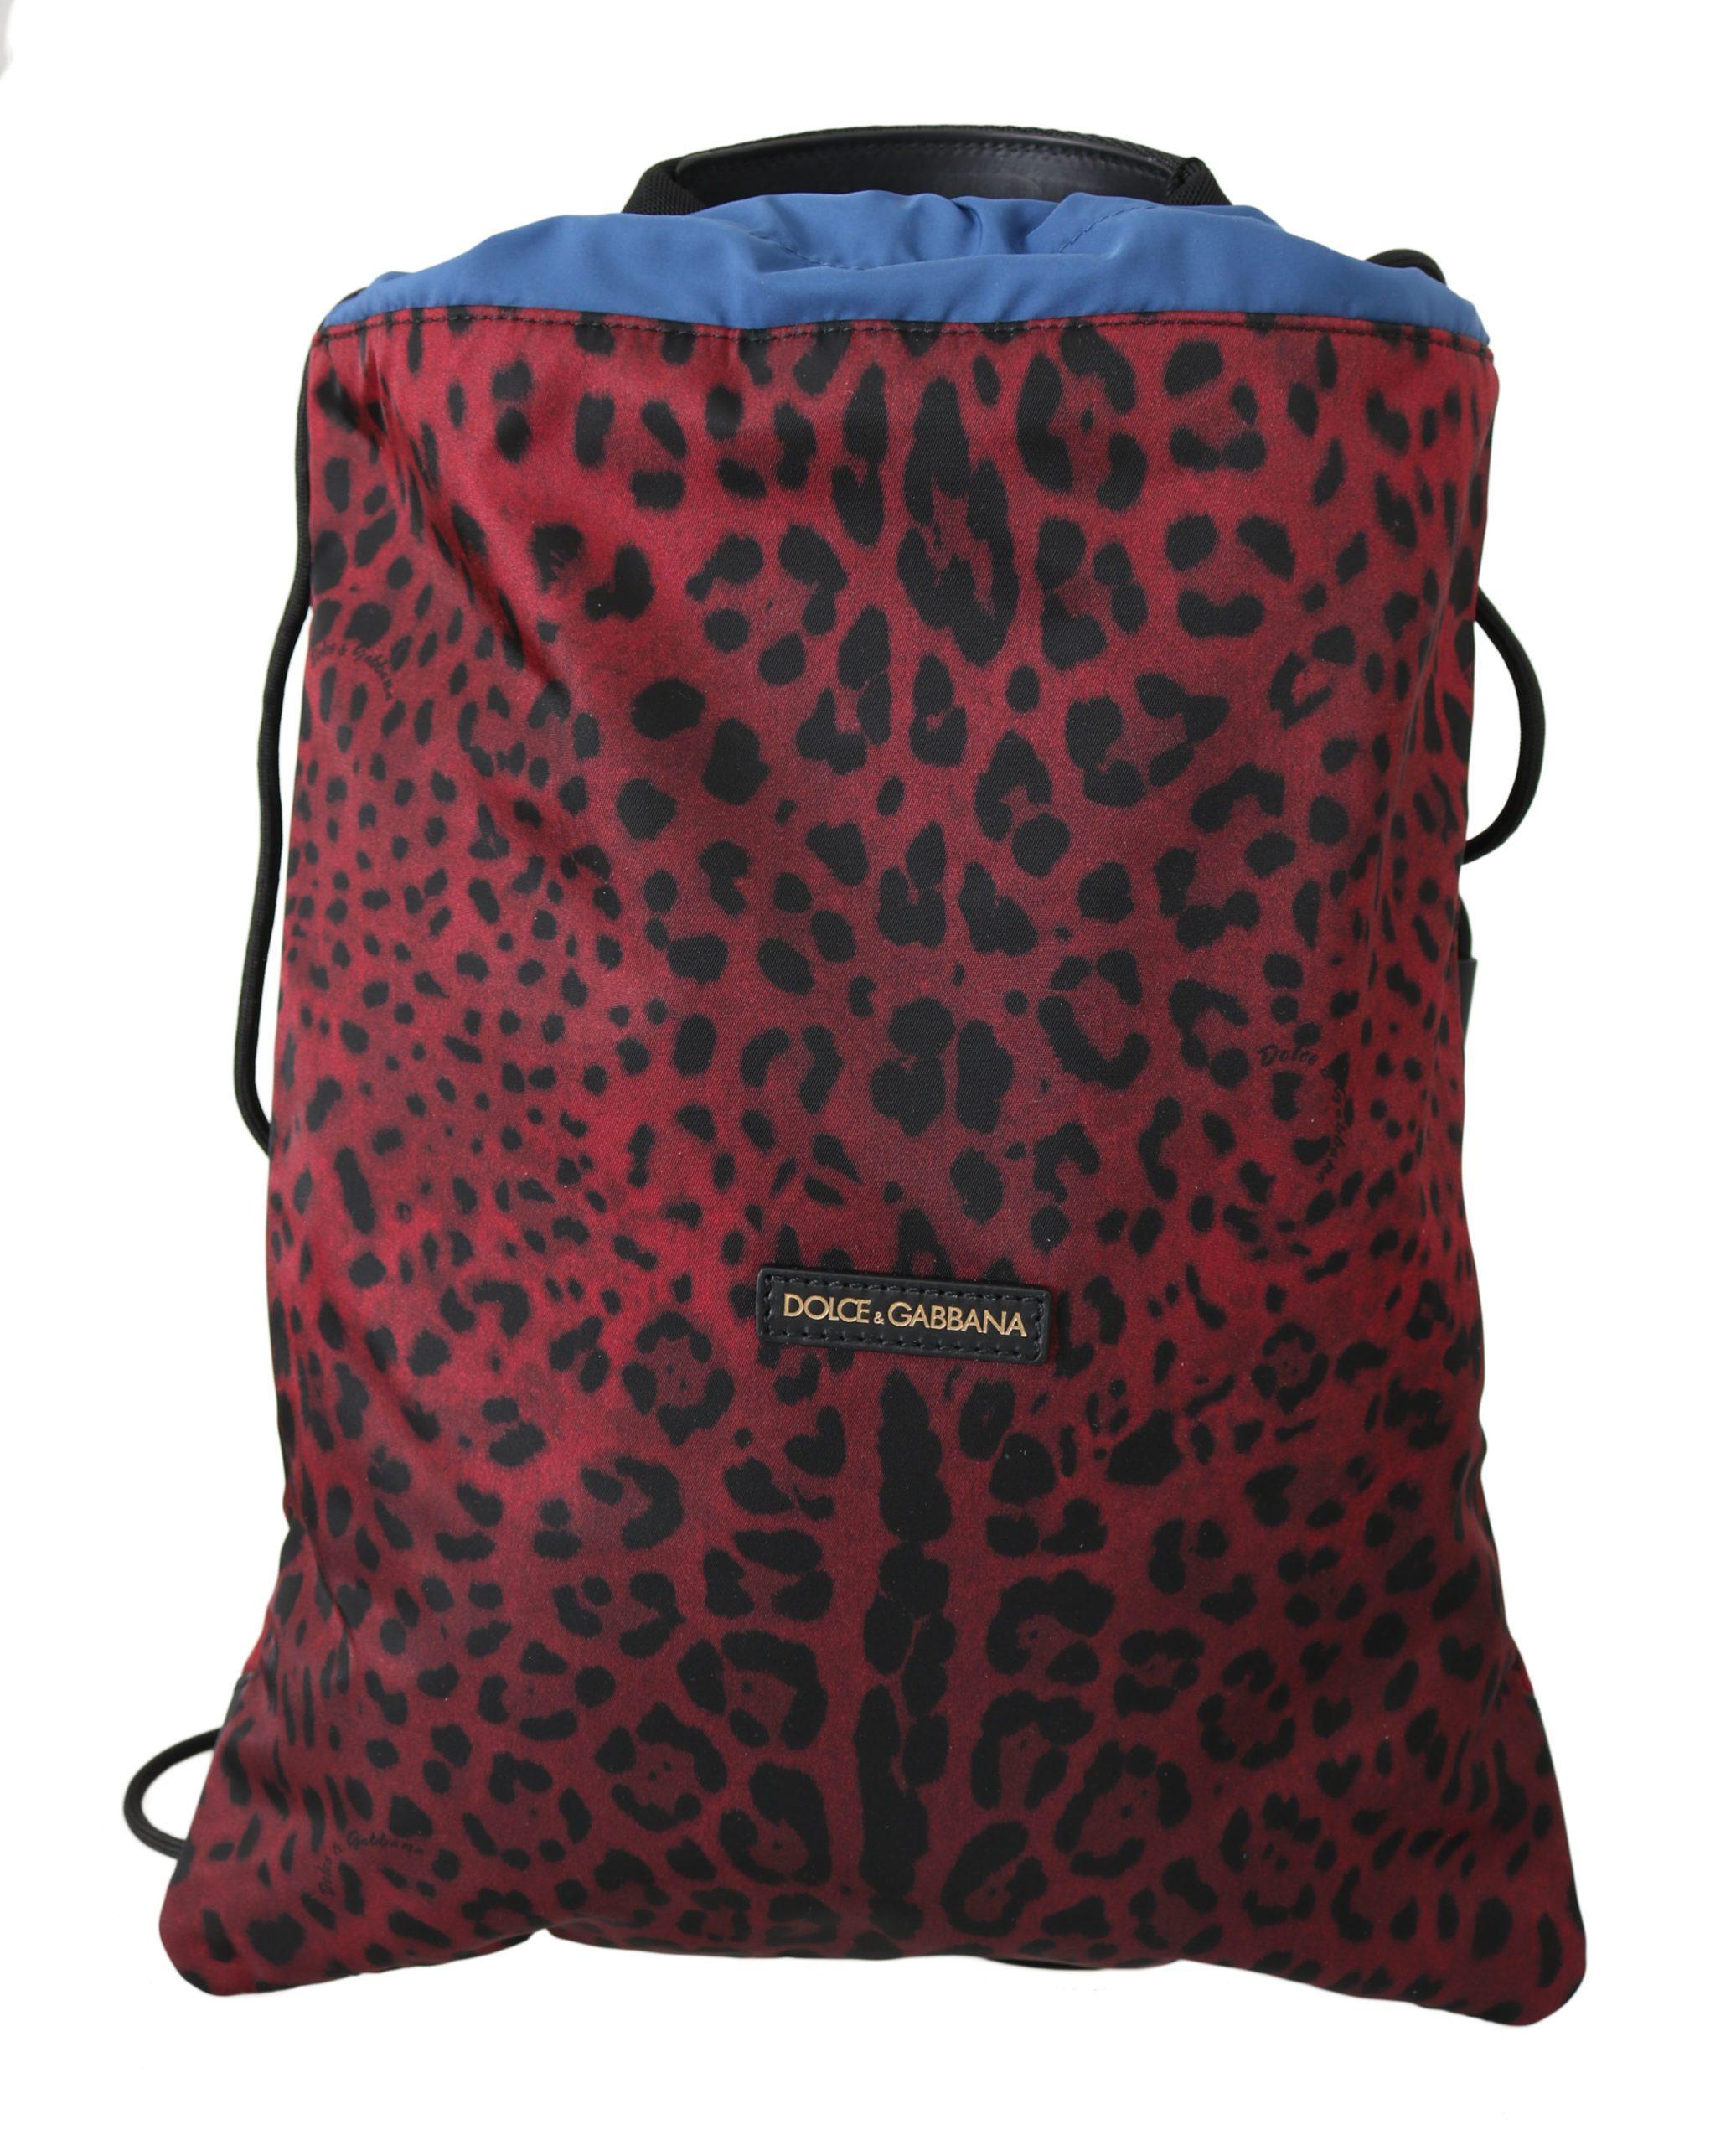 Dolce & Gabbana Women's Leopard Adjustable Nap Sack Backpack Red VA8642